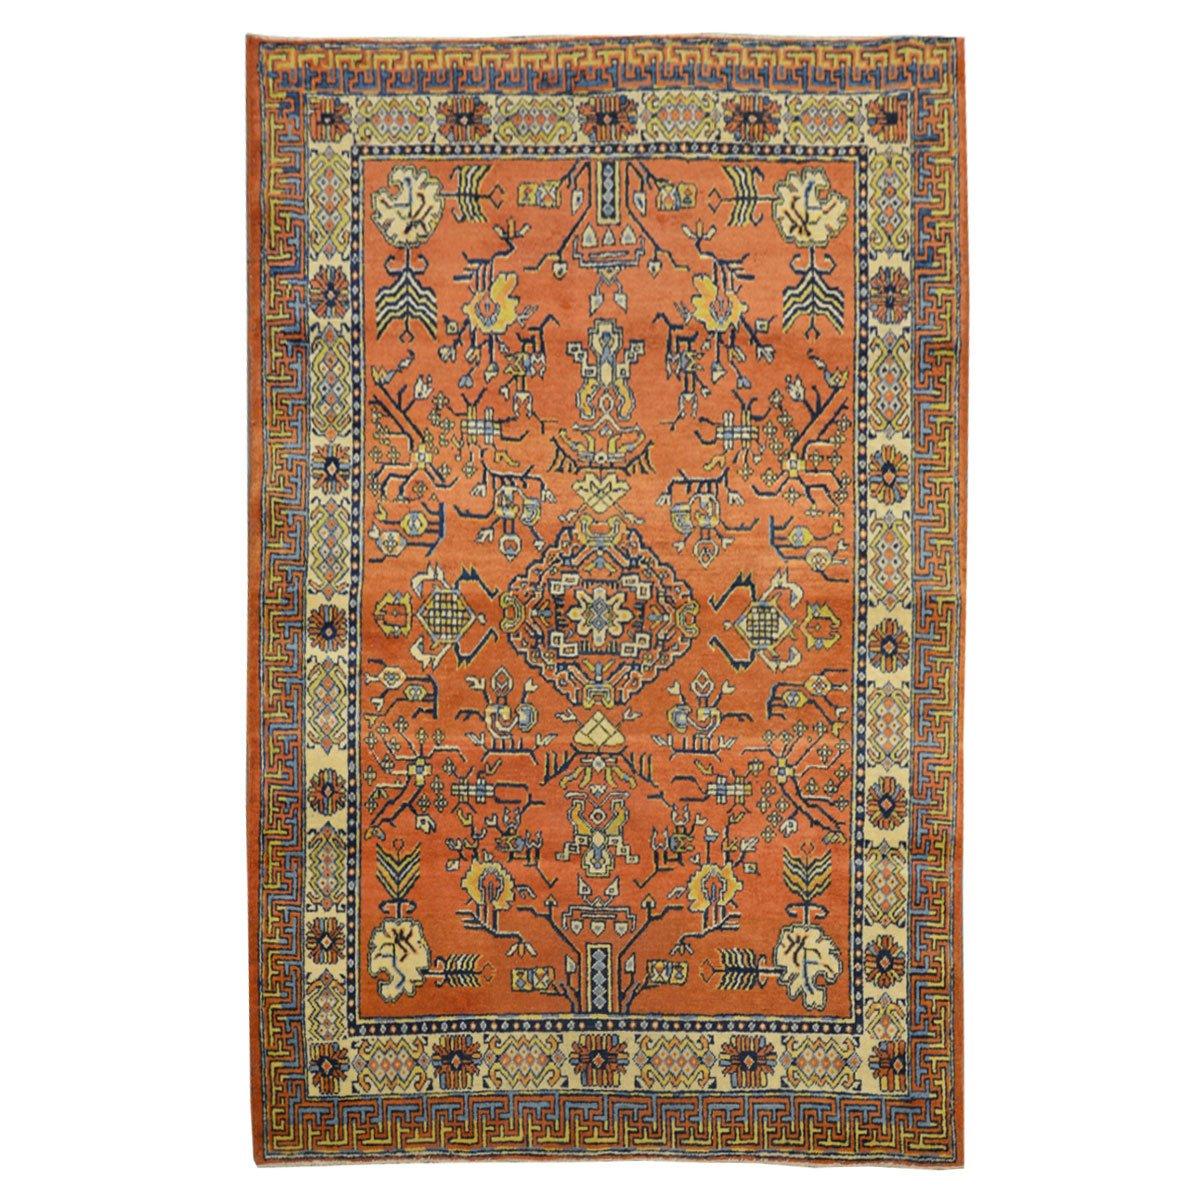 Samarkand Teppich, 1930er bei Pamono kaufen